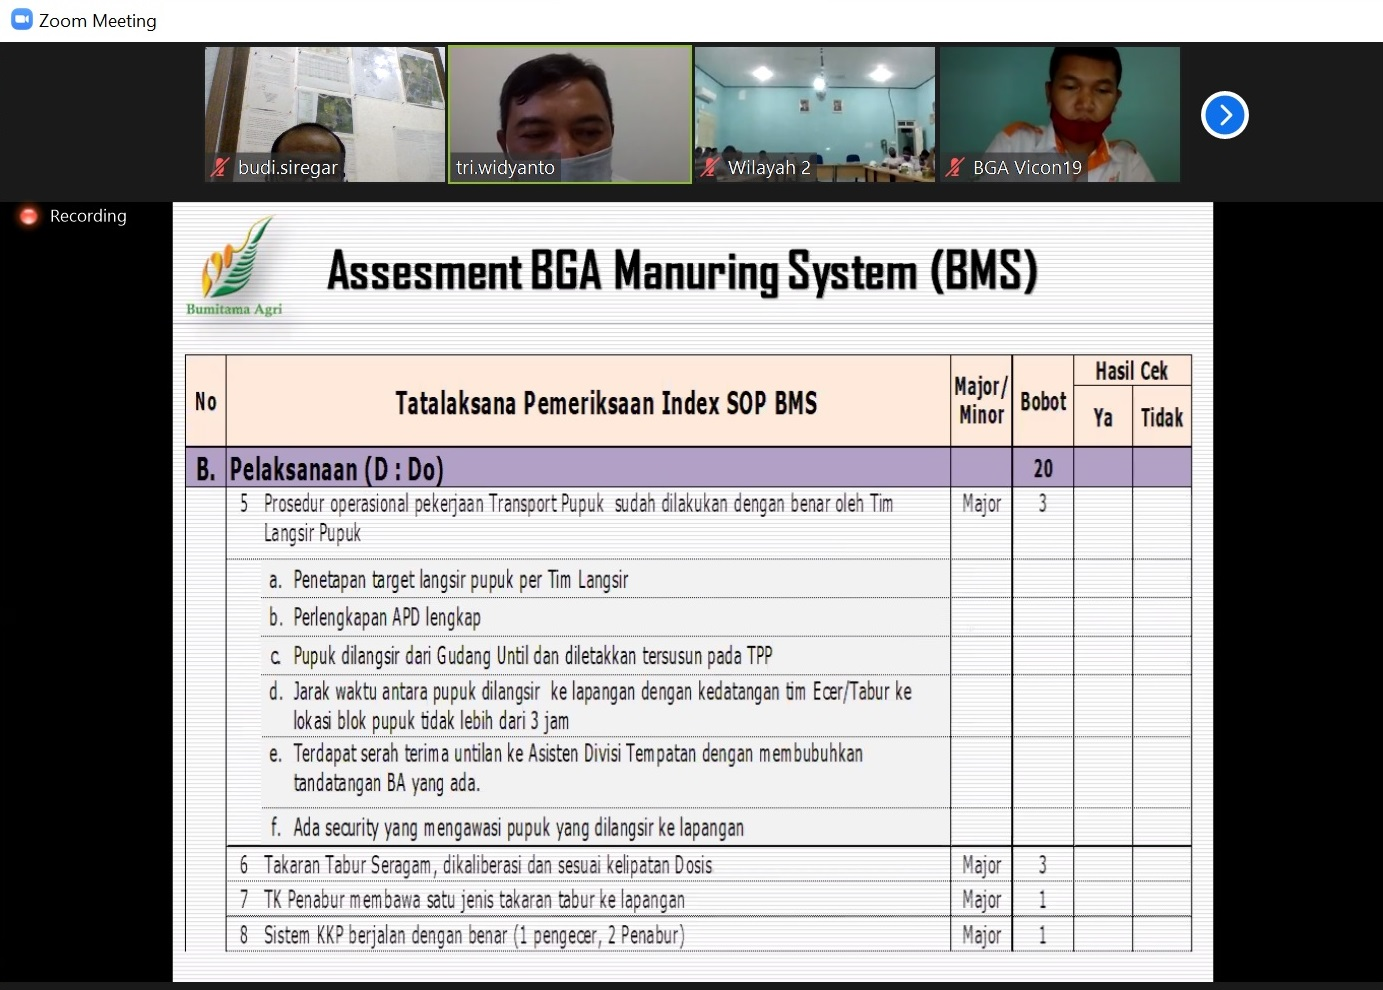 Asesment BMS - Disiplin Indeks SOP BMS - Do lanjutan